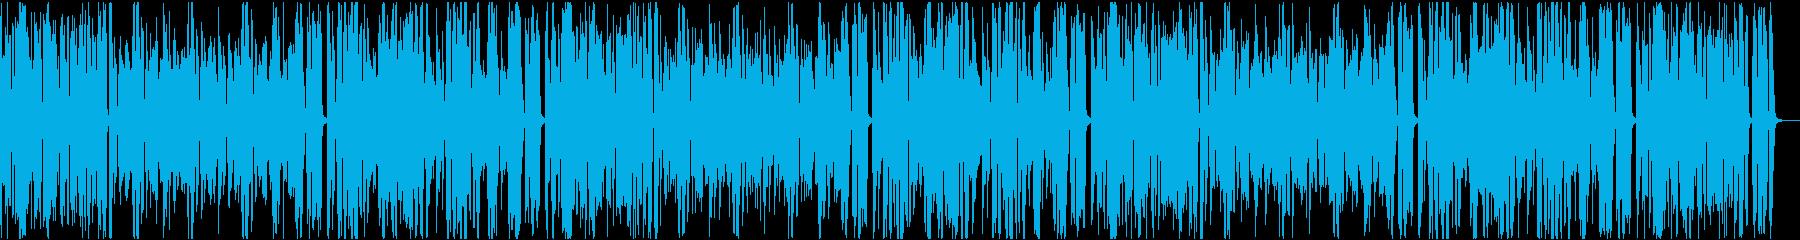 9秒でサビ、インパクトイケイケ/静かめの再生済みの波形